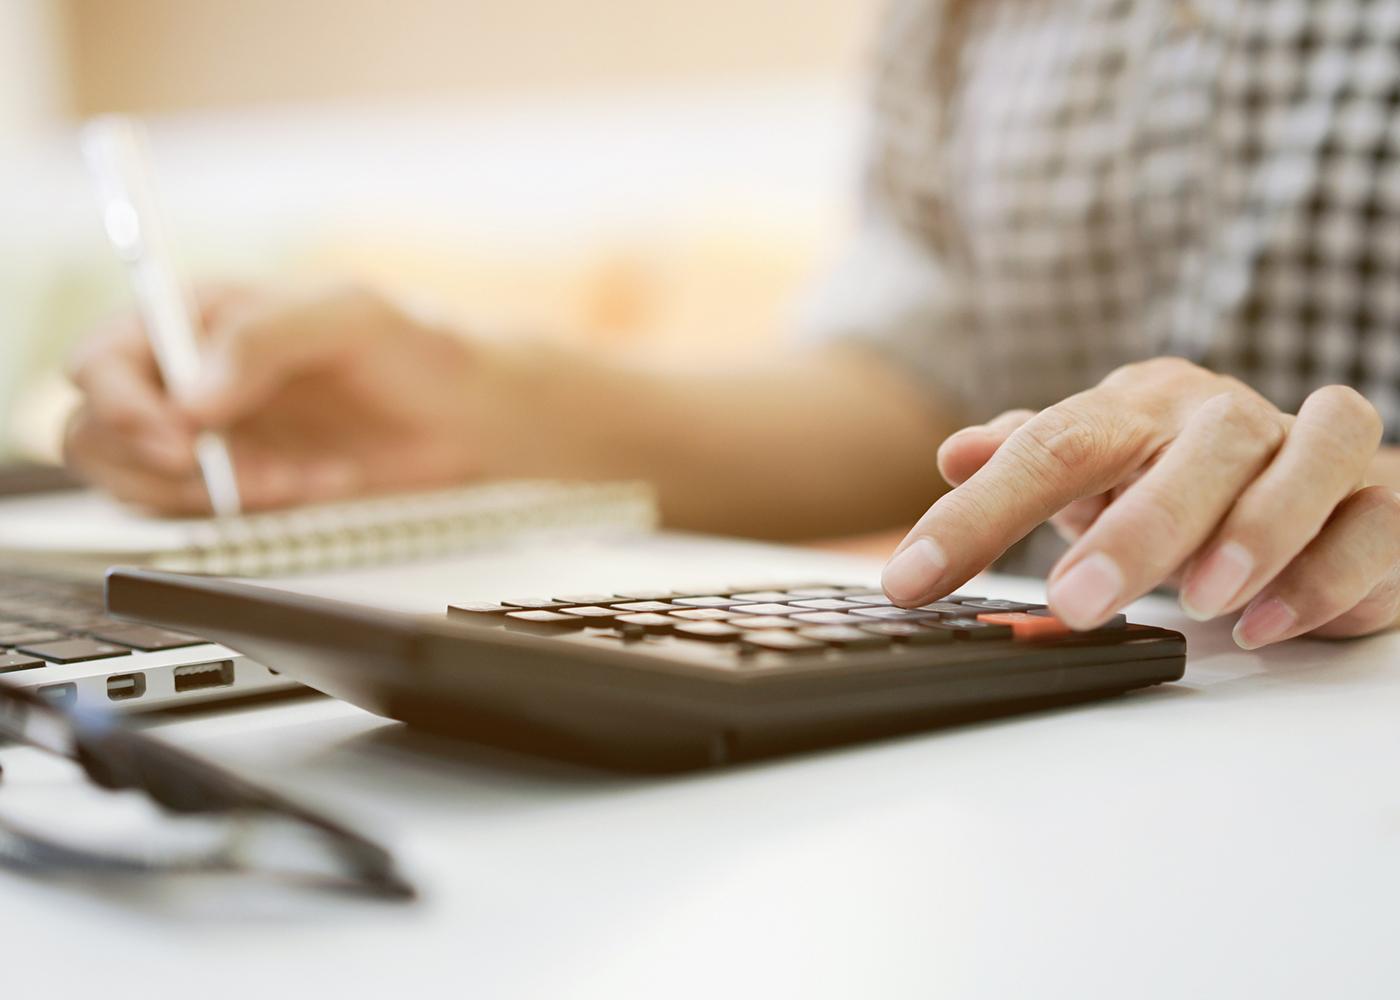 calcular salário